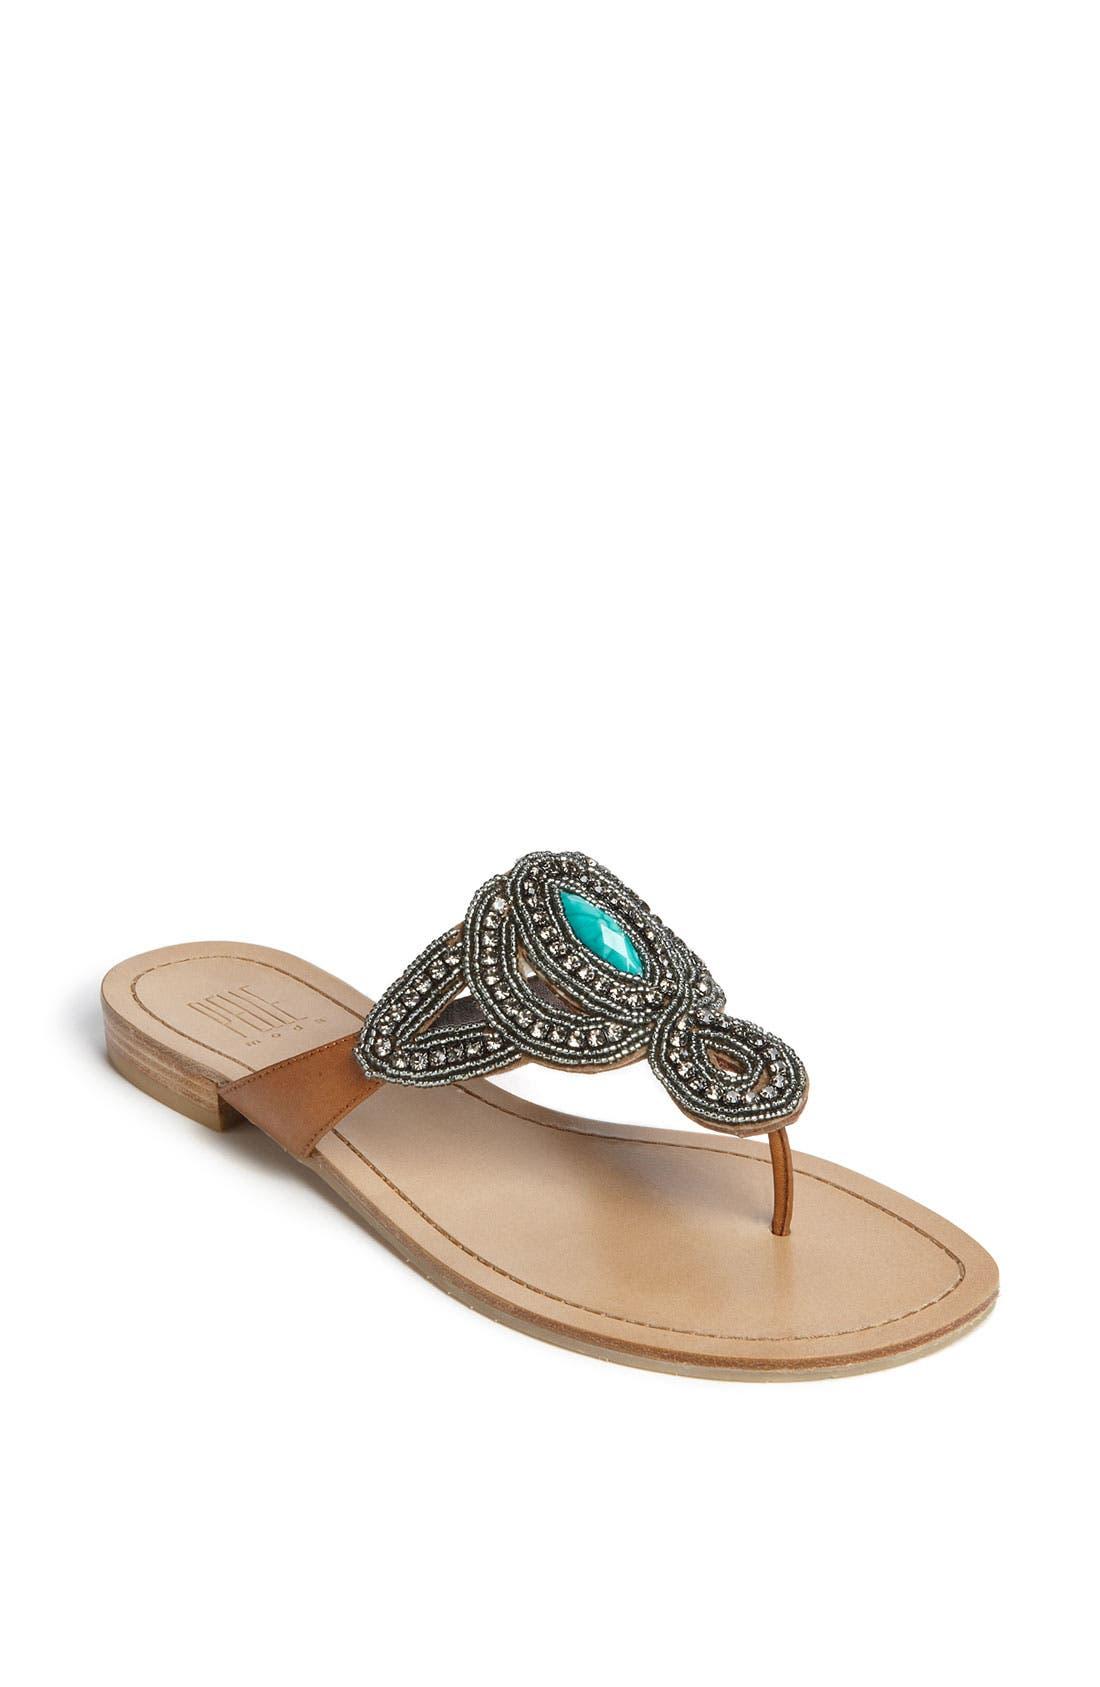 Main Image - Pelle Moda 'Banta' Sandal